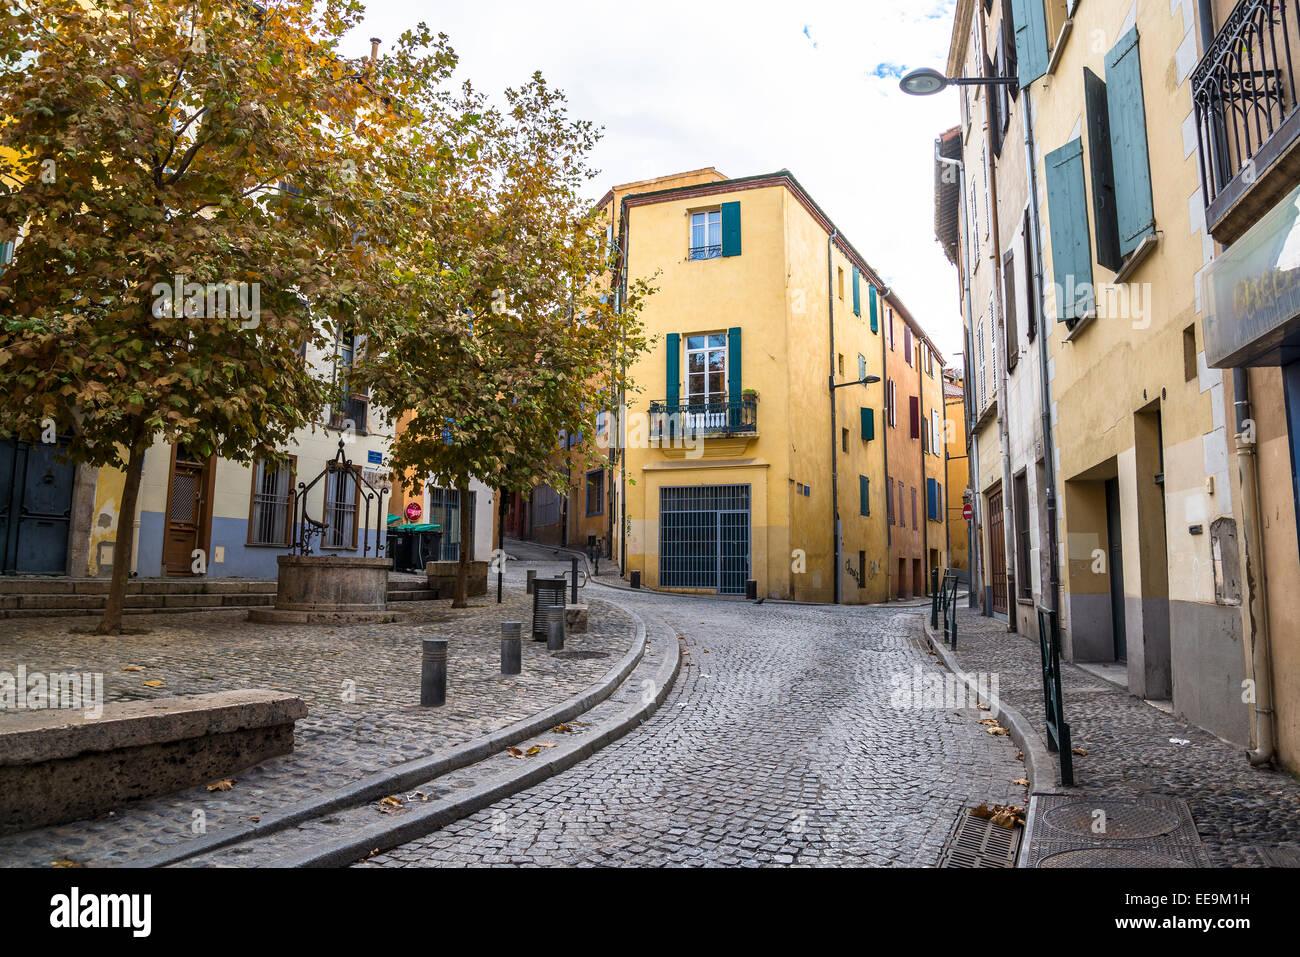 Square en vieille ville, Perpignan, Pyrénées-Orientales, France Photo Stock